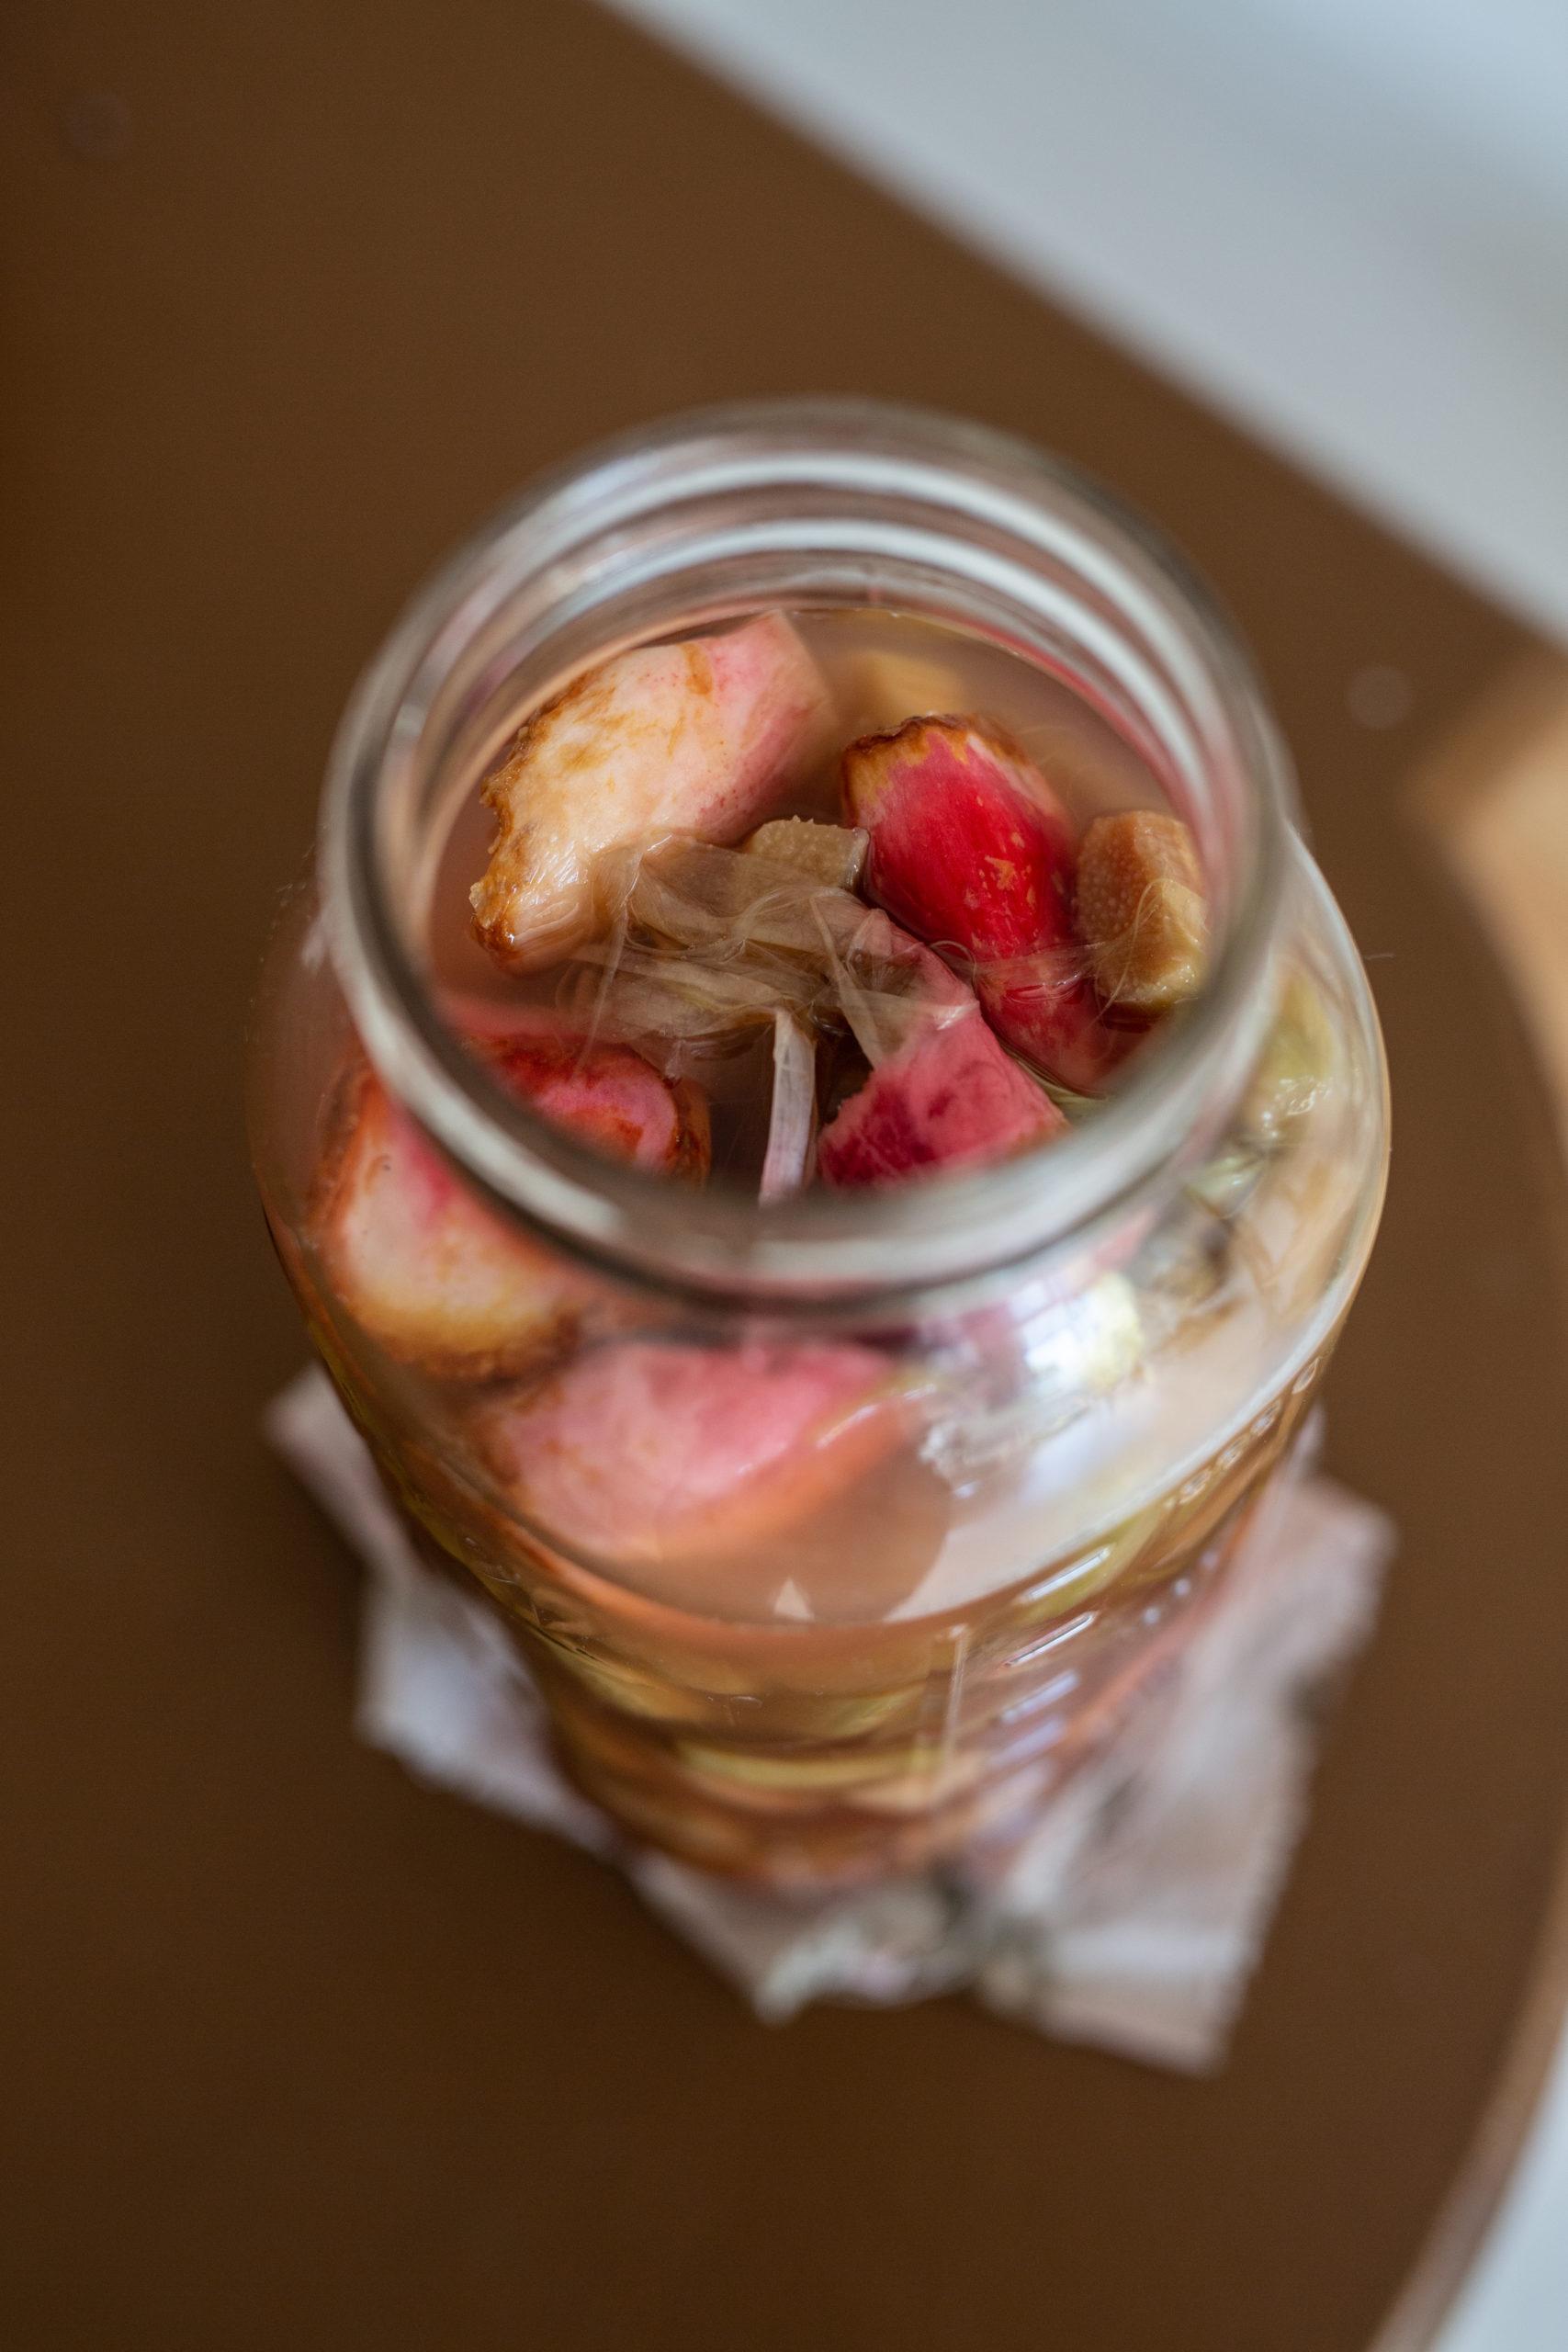 Shrub selber machen - Essig-saurer Fruchtsirup im Glas | Gesunde vegane Rezepte & Fermentier-Workshops - Syl Gervais